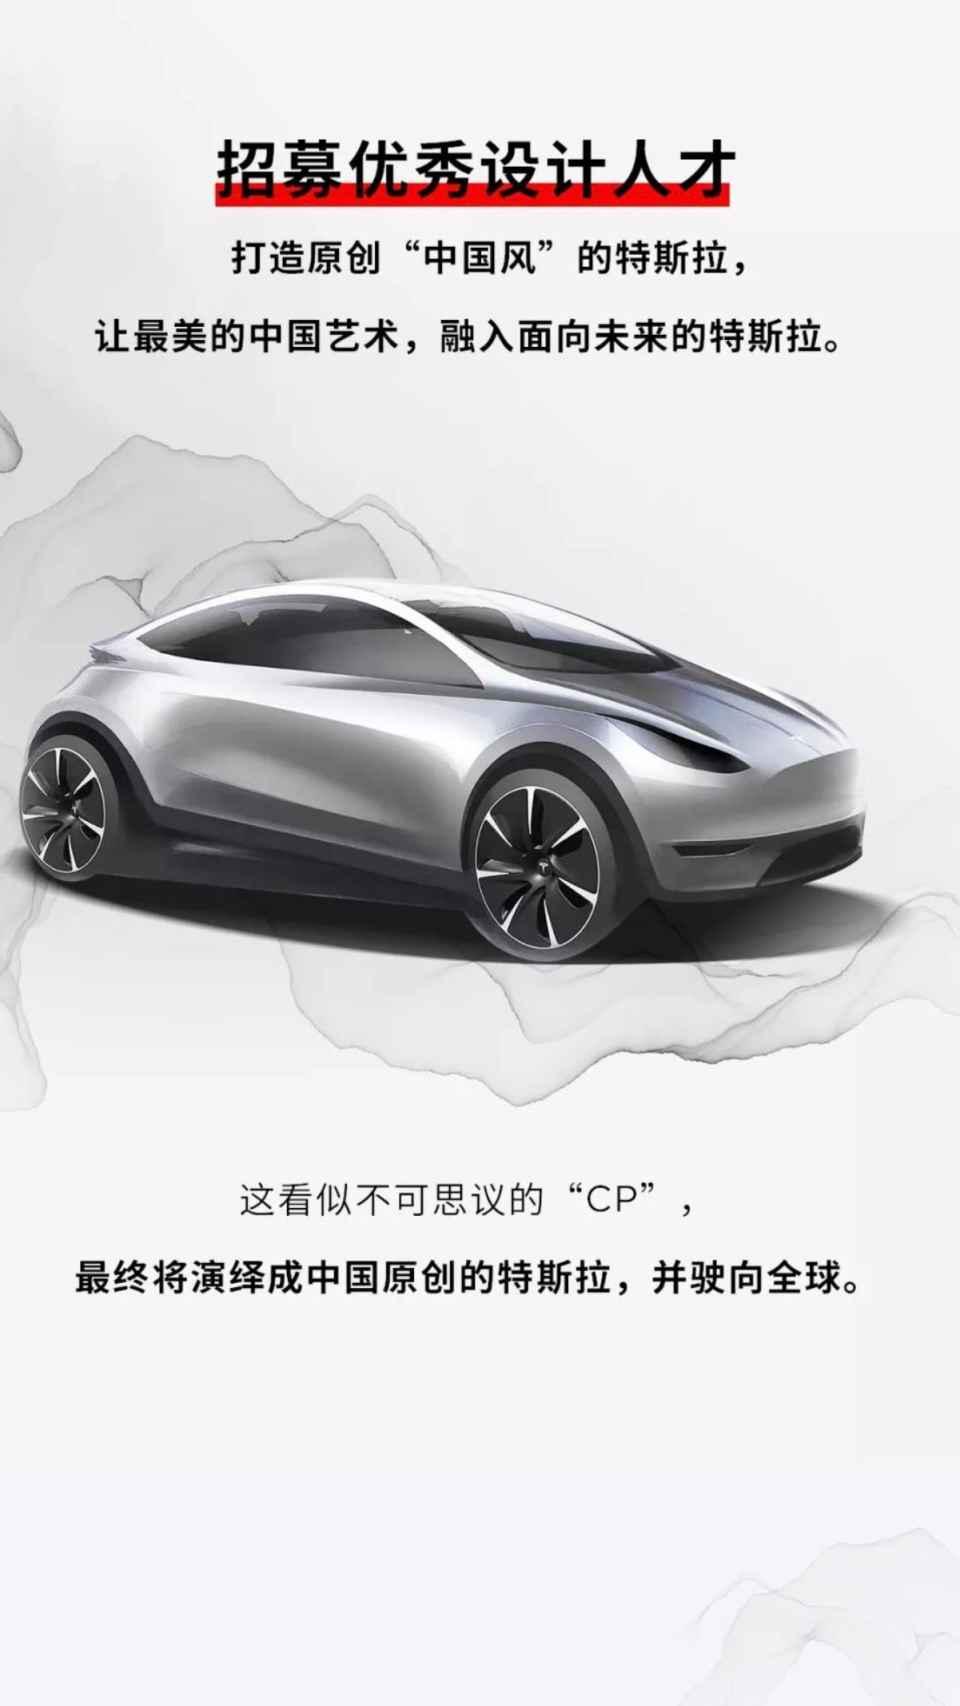 Cartel anunciando el diseño de un Tesla desconocido.